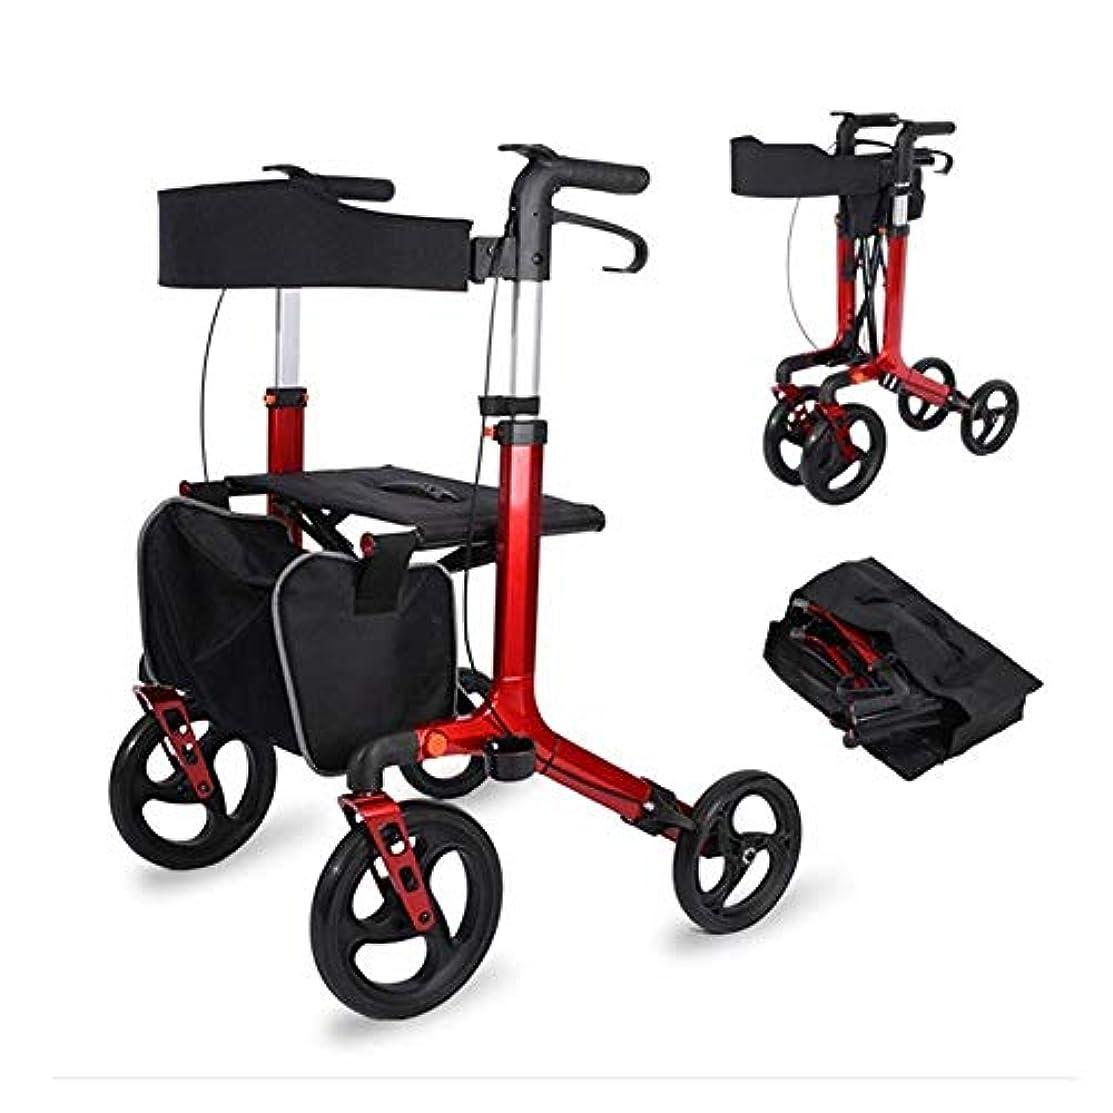 キャッチくつろぐ放つ折りたたみ式歩行器、調節可能な高さ4ホイールショッピングトロリーレストシートと収納袋デュアルブレーキウォーキングフレーム